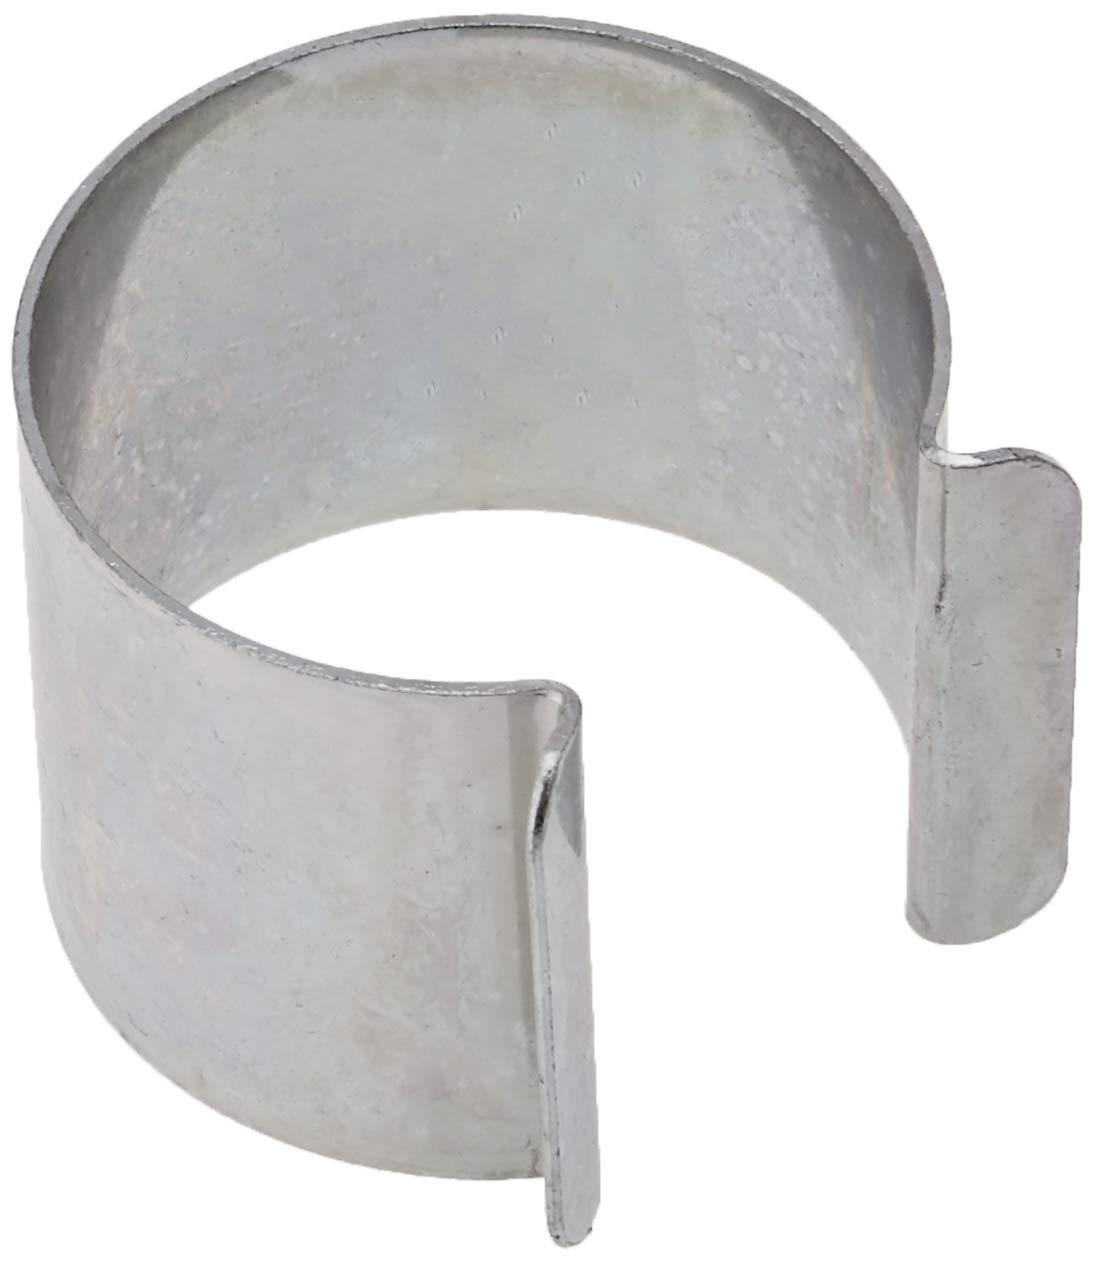 Lote de 20clips Metal revestimiento Zinc 35mm x 30mm para invernadero